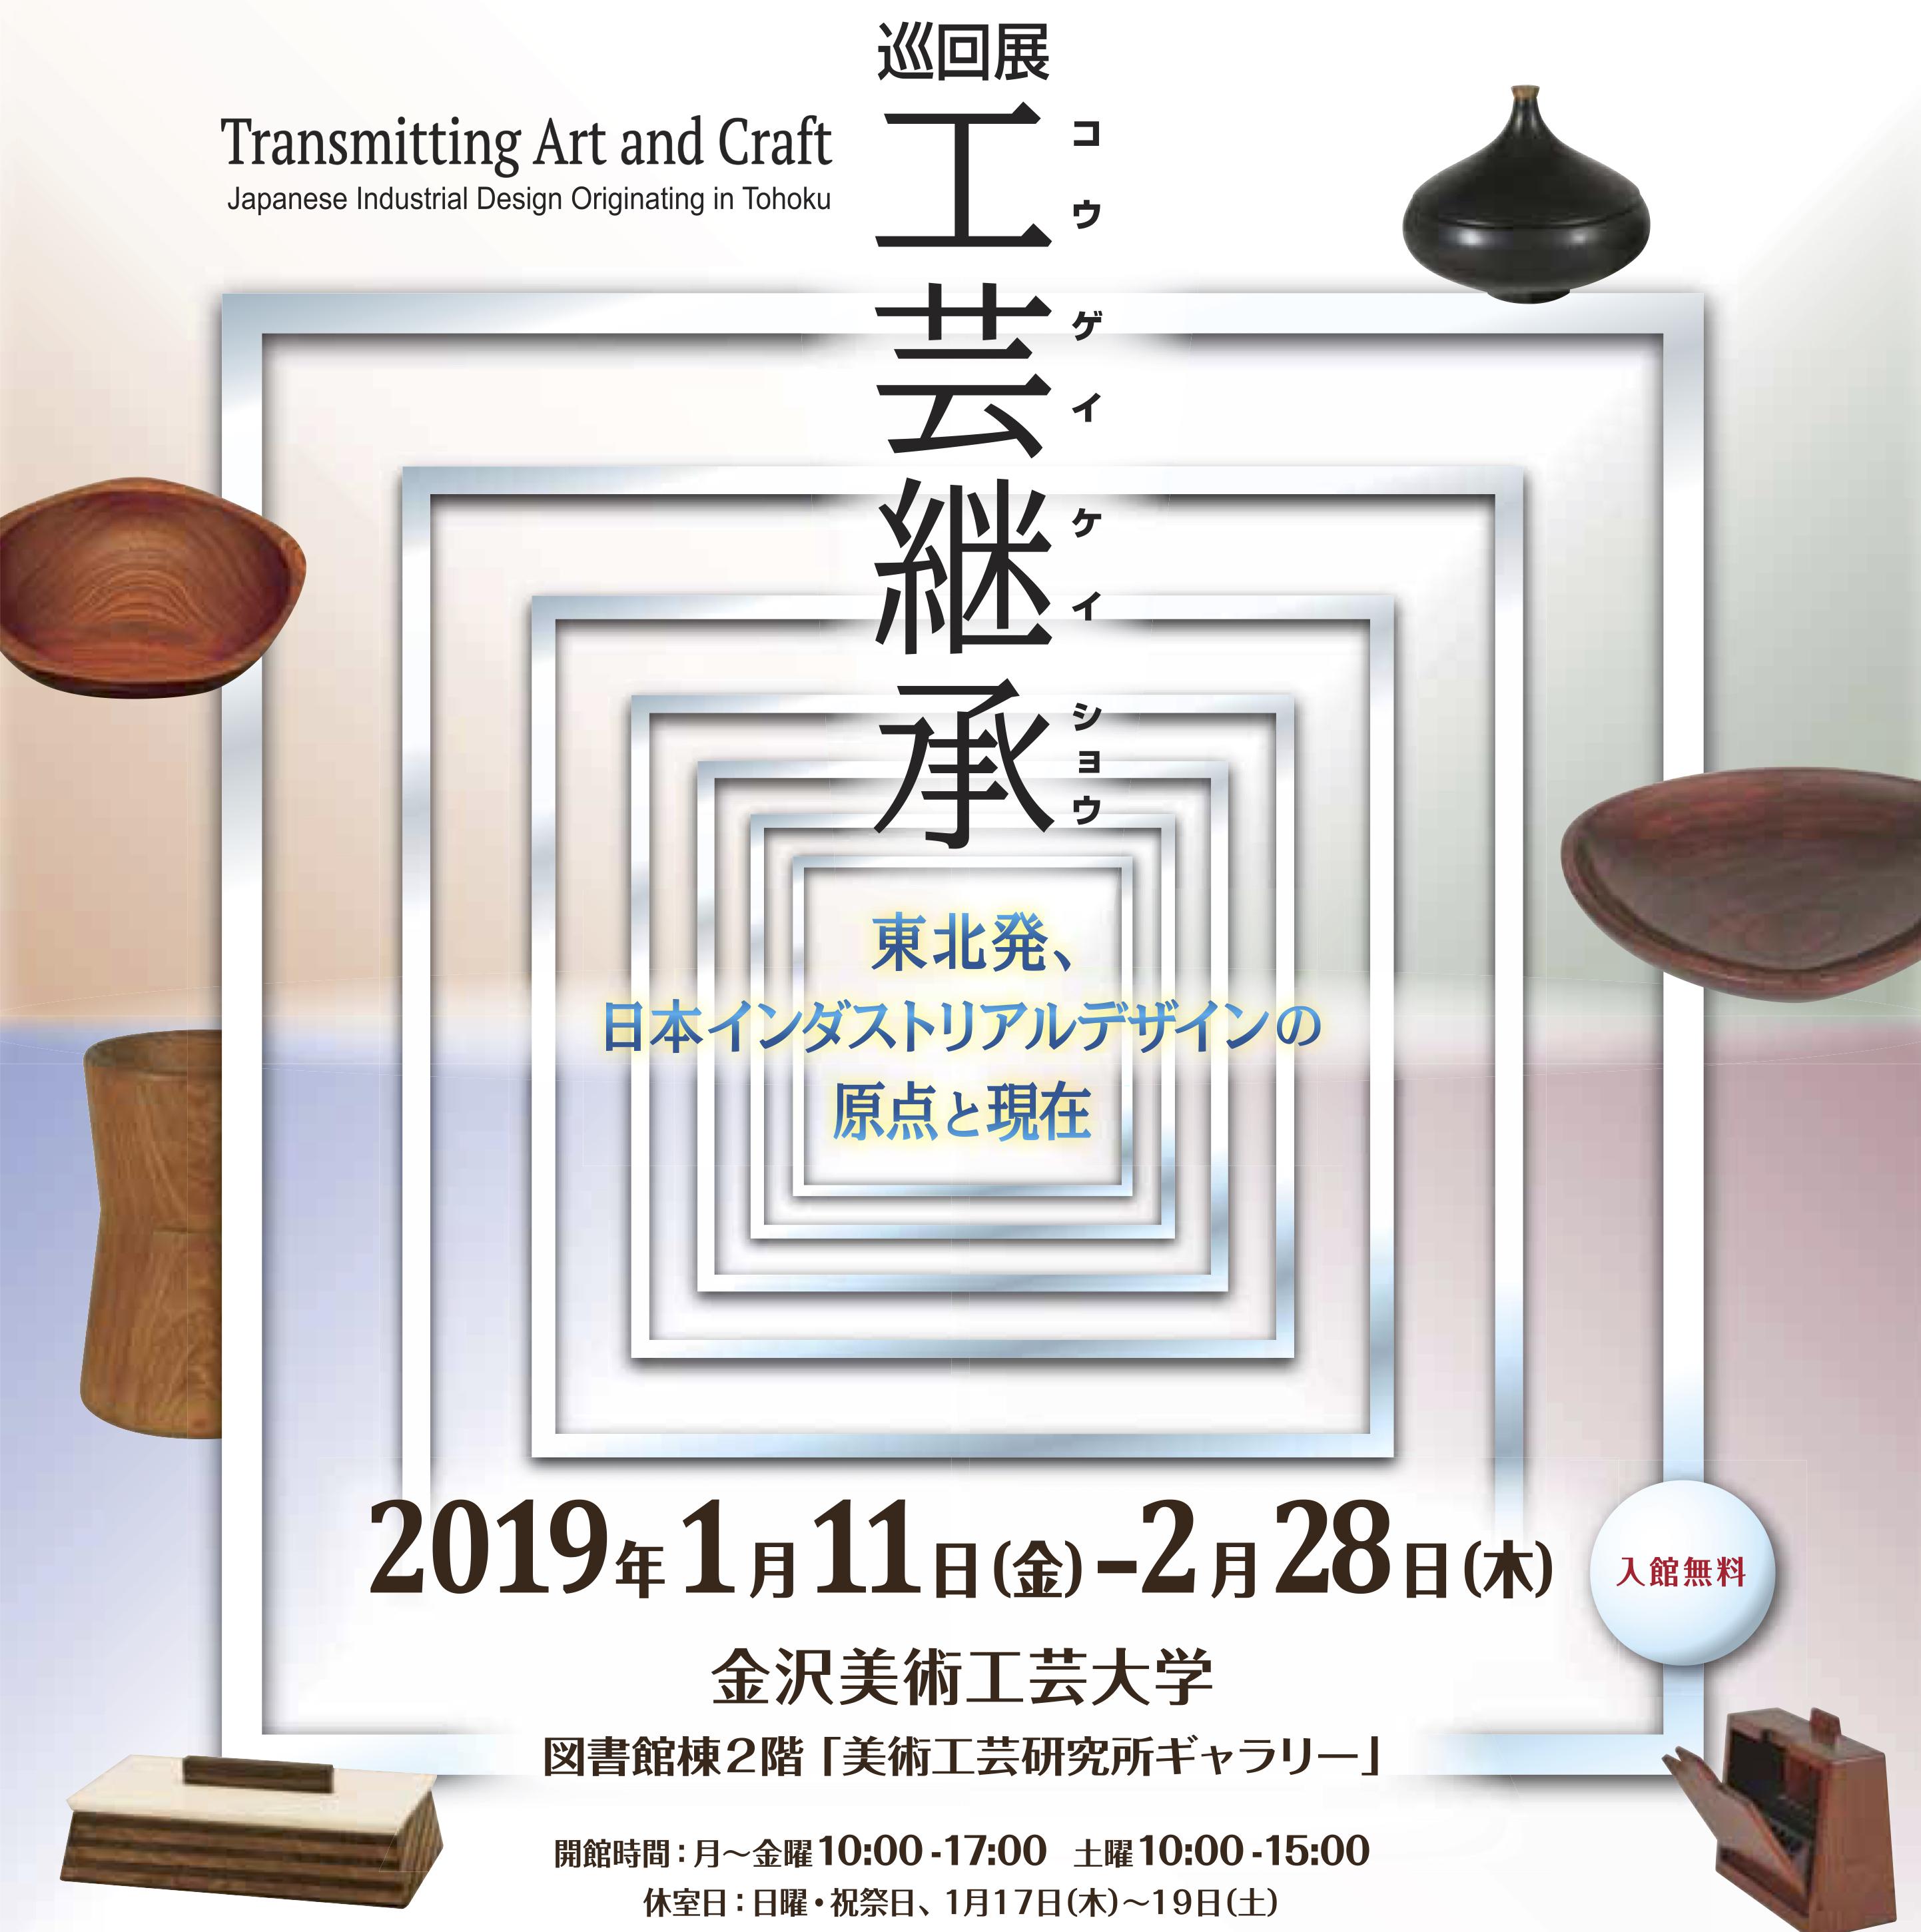 巡回展「工芸継承ー東北発、日本インダストリアルデザインの原点と現在ー」